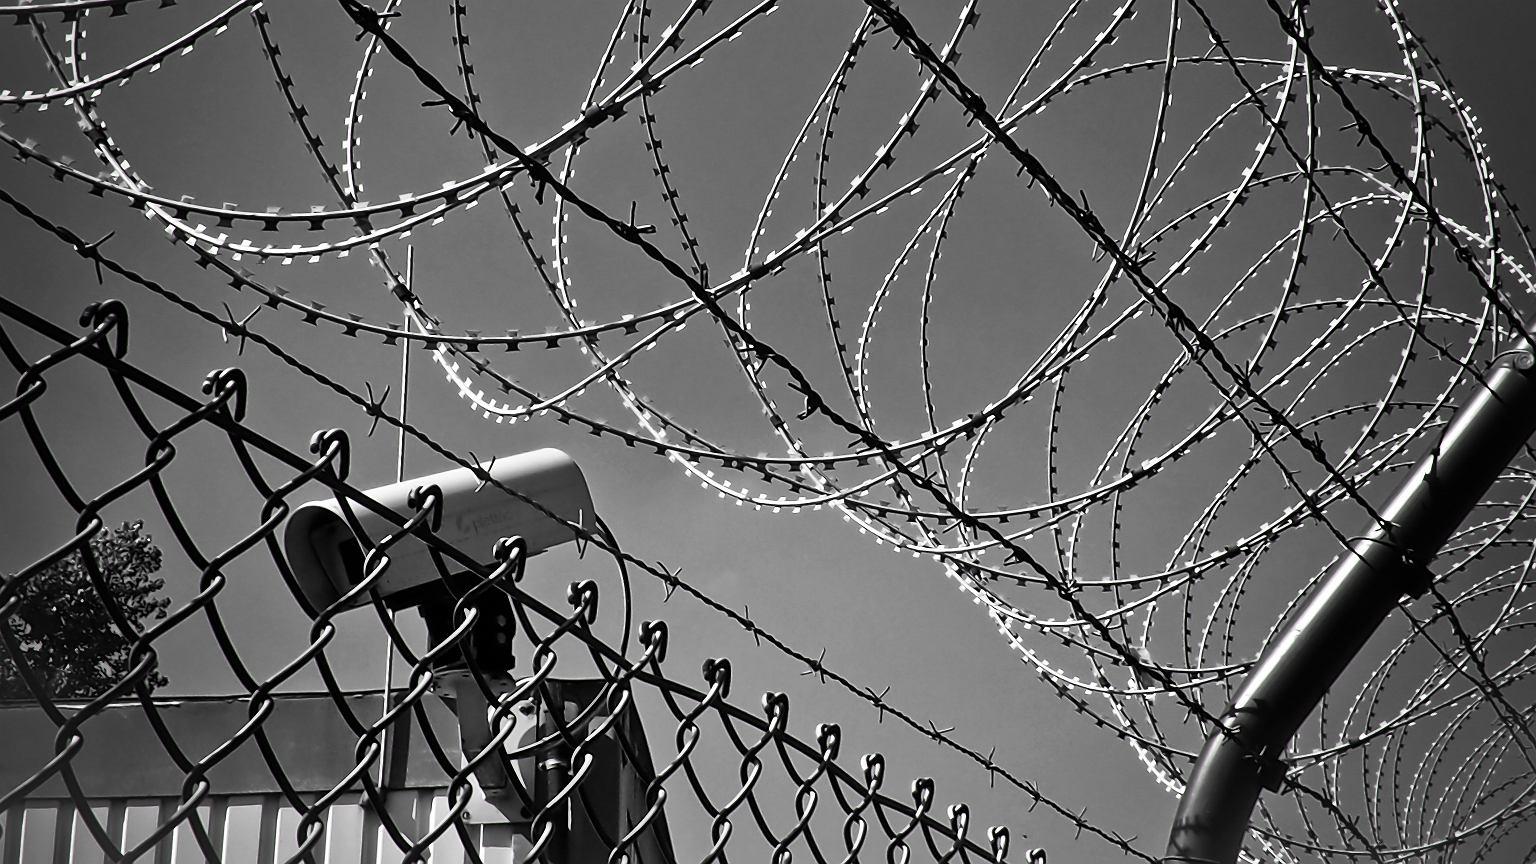 Więzienie w Grudziądzu jest uznawane za jedne z najcięższych w Polsce